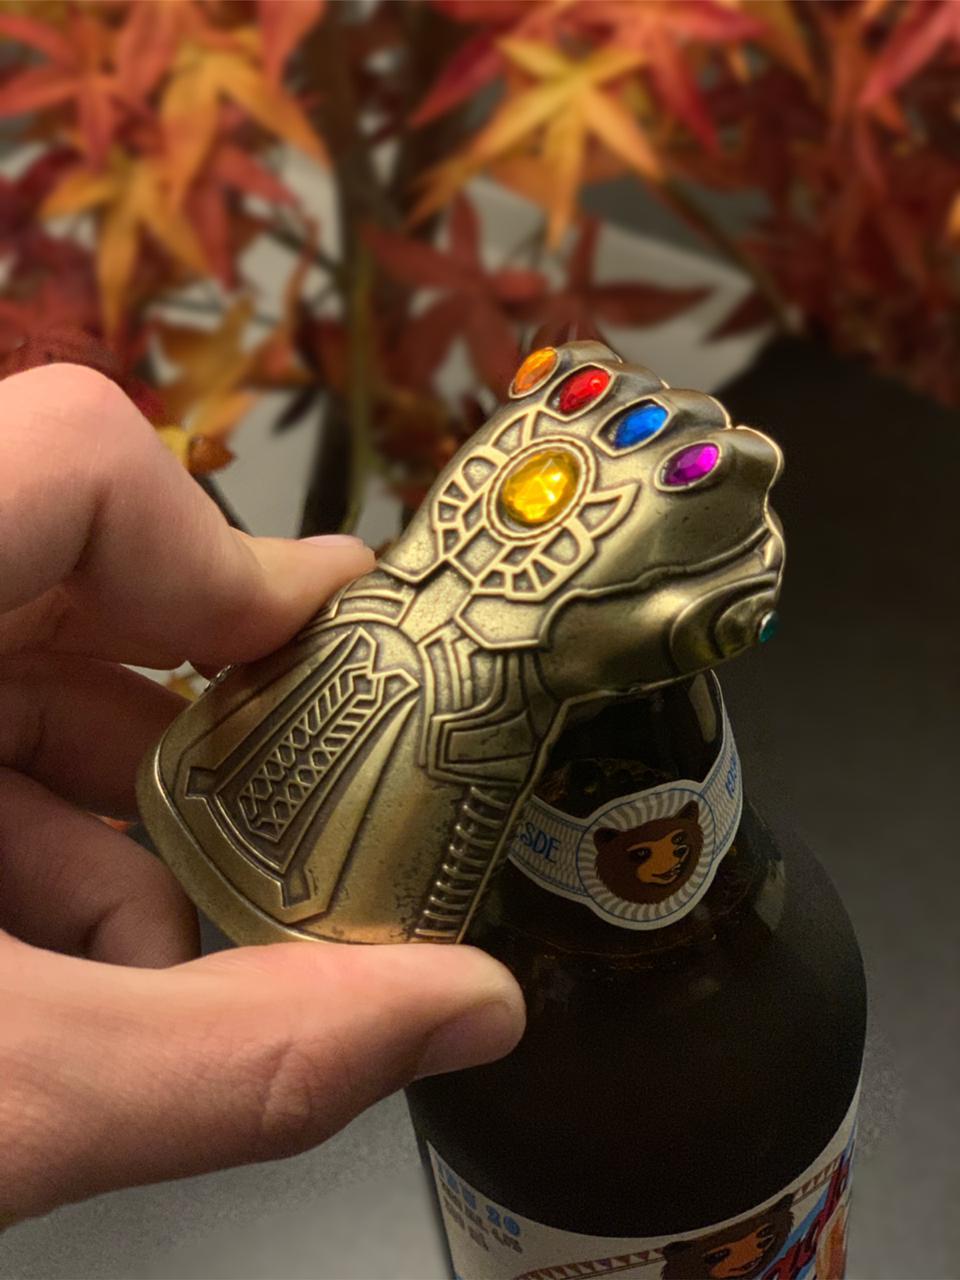 Abridor de Garrafa Manopla do Infinito (Infinity Gauntlet): Vingadores (Avengers)